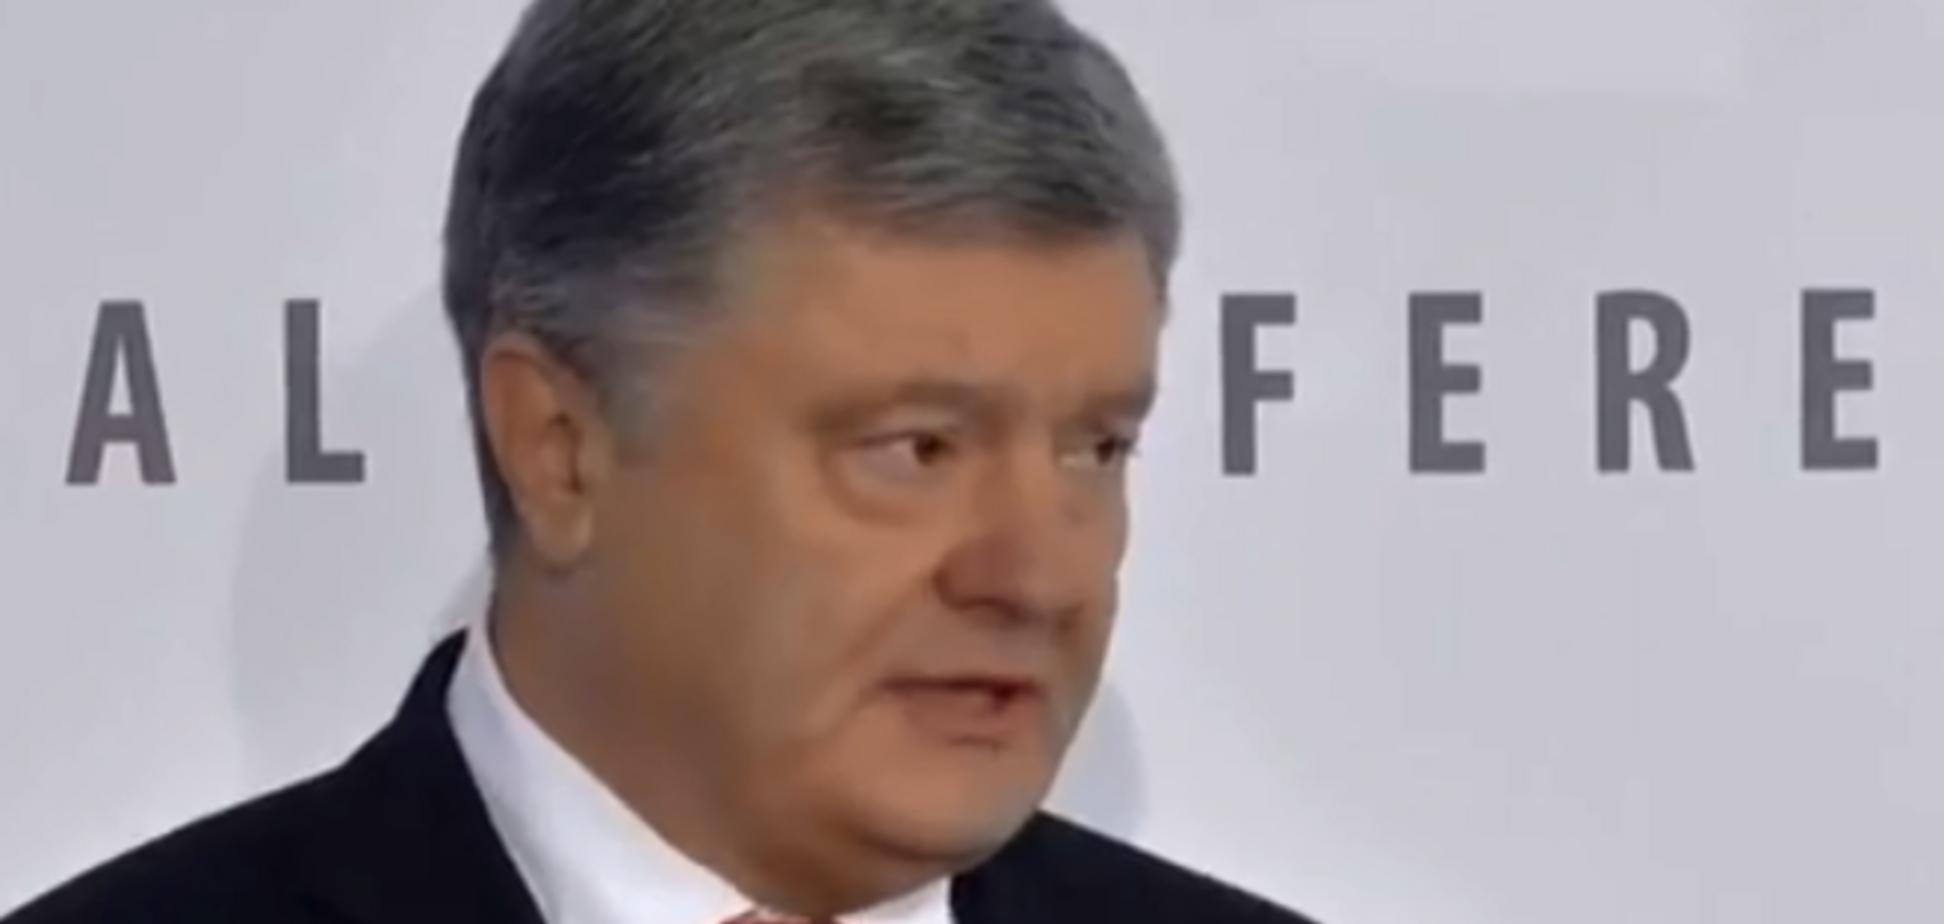 ''Домой, в Россию!'' Порошенко резко поставил на место РПЦ и ВС РФ